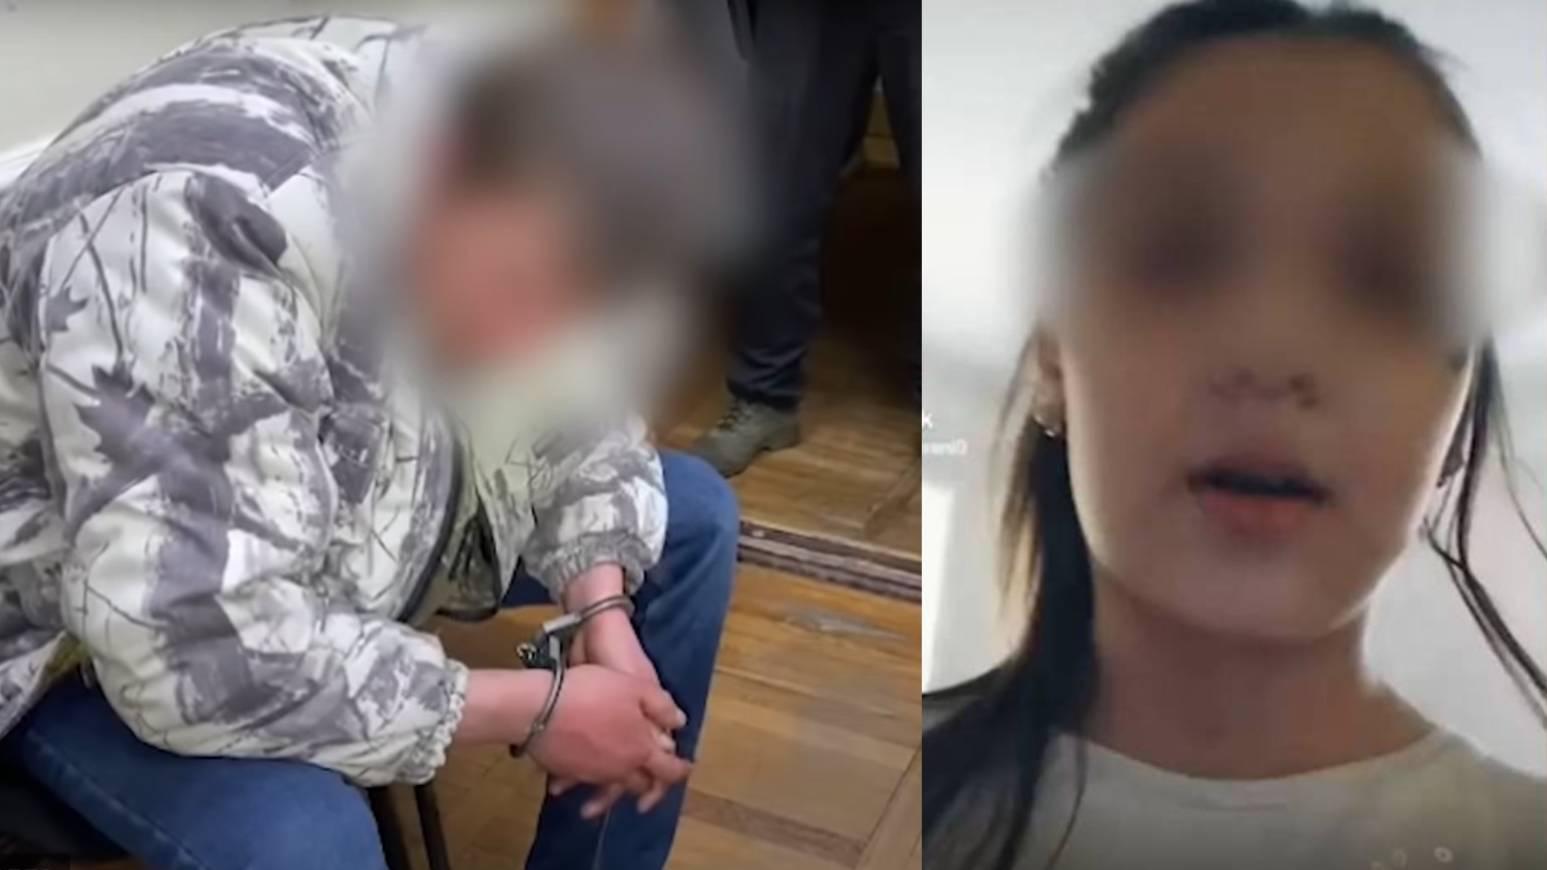 'Папа, меня убили'. Отец рассказал о последних мгновениях дочки, застреленной через дверь в Чите